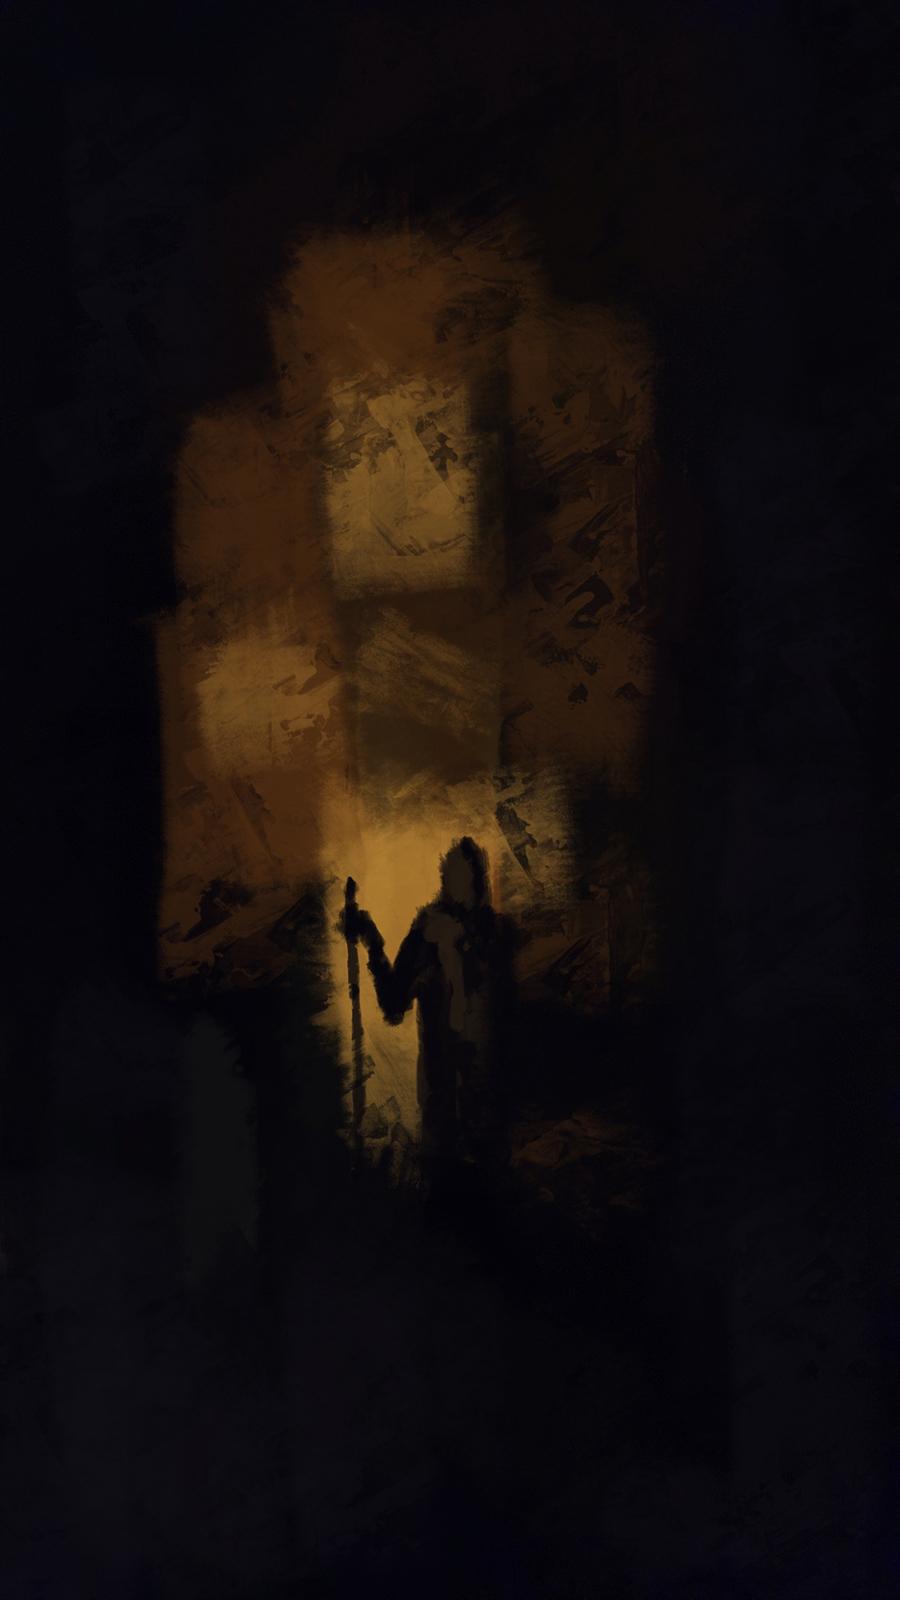 Grim Reaper Wallpapers Free Download